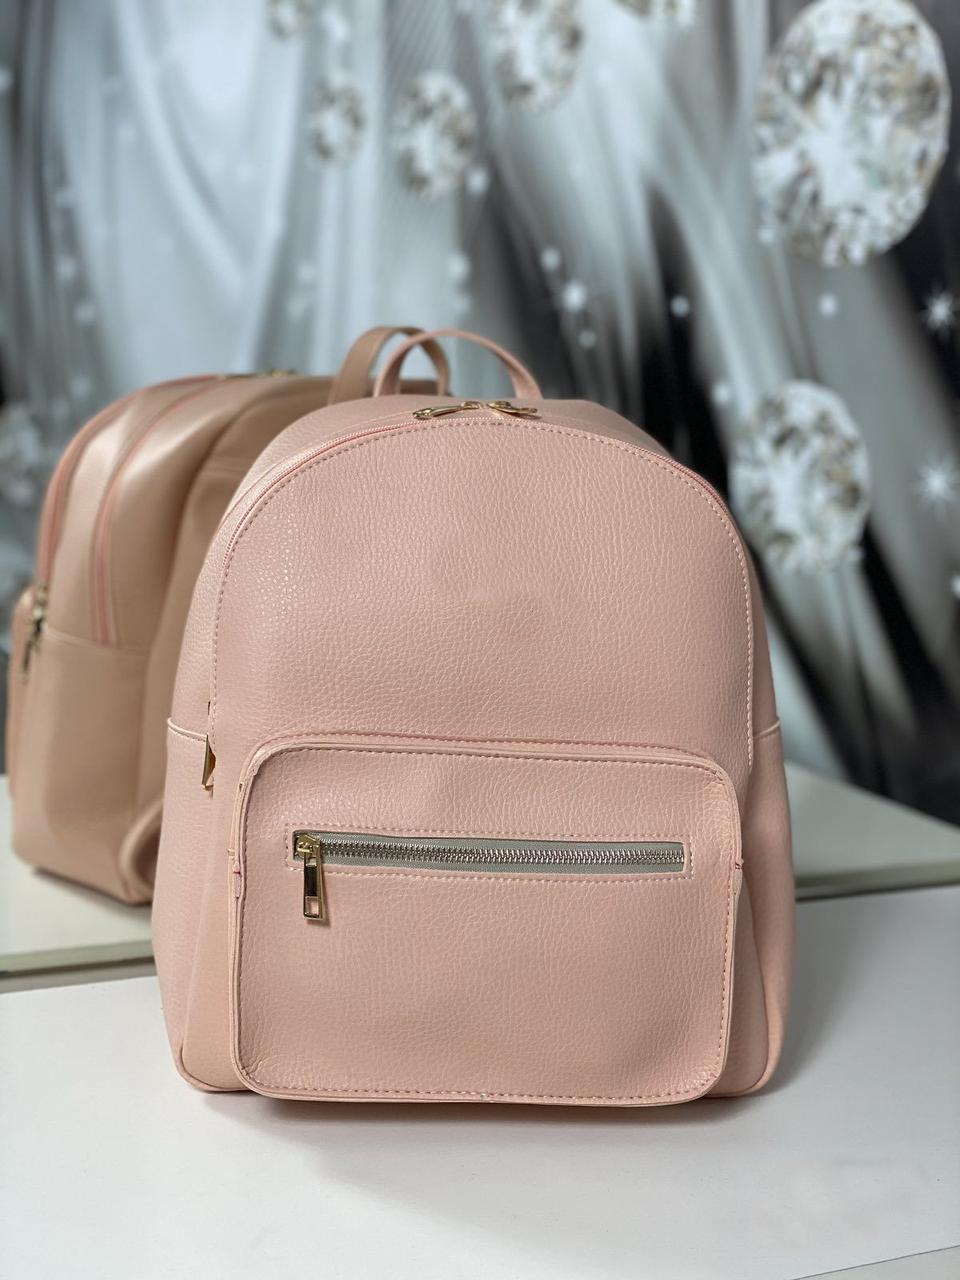 Женский вместительный пудровый рюкзак молодежный городской модный кожзам